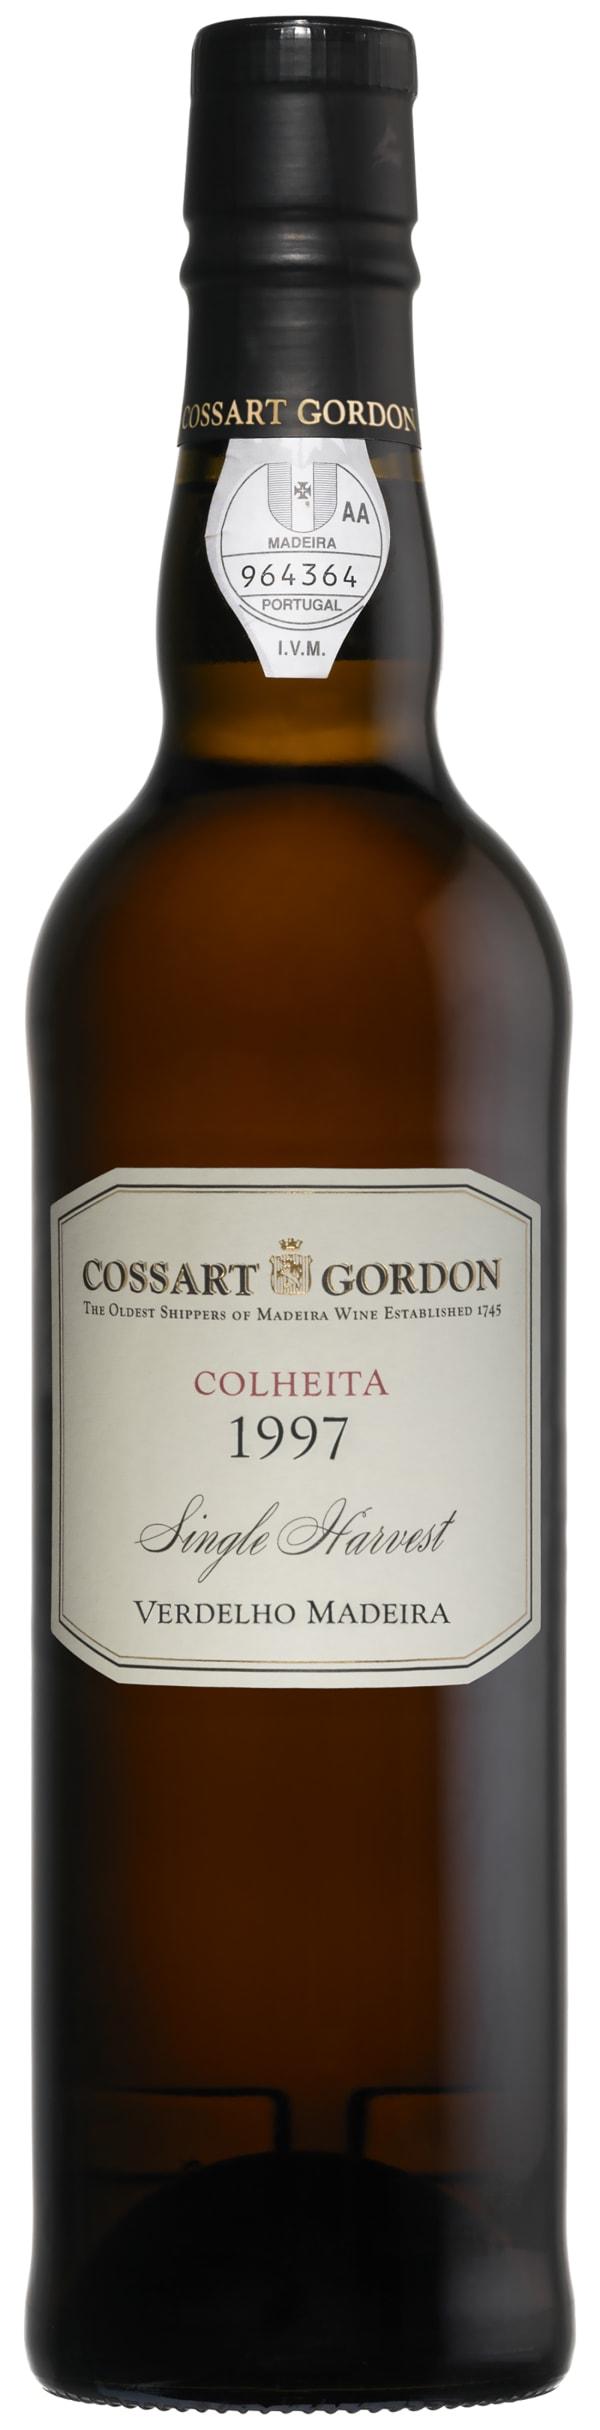 Cossart Gordon Colheita Single Harvest Verdelho Madeira 1997